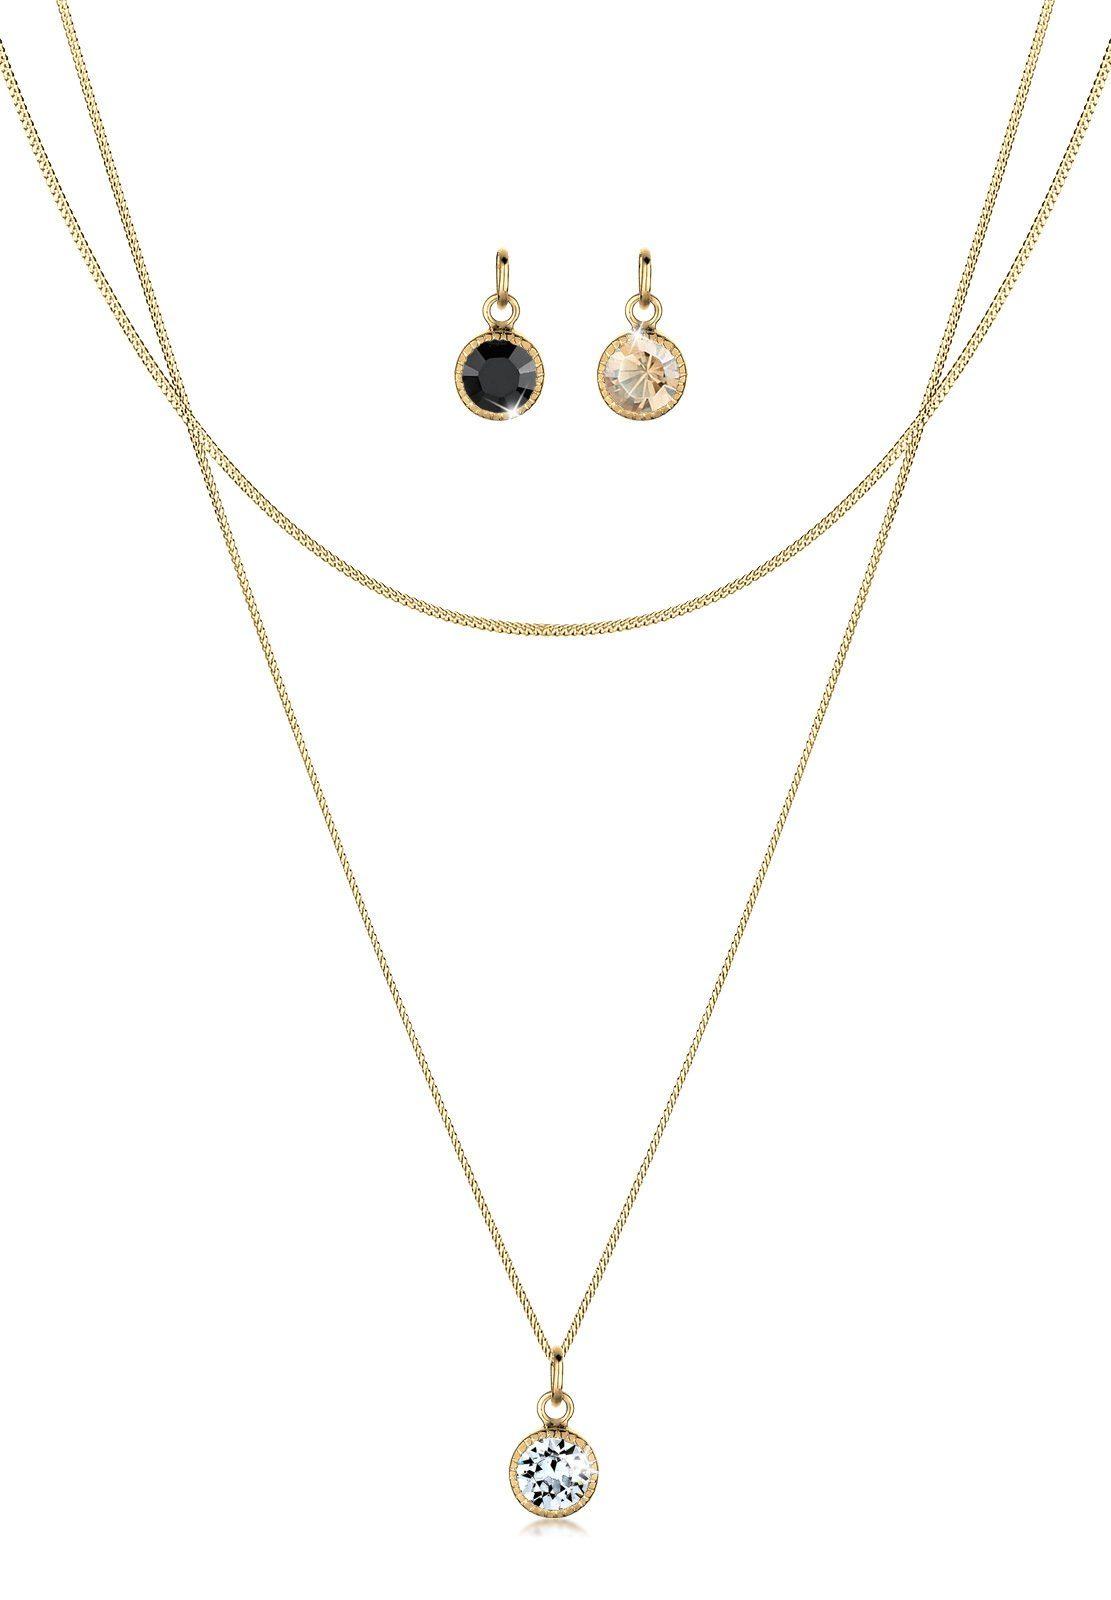 Goldhimmel Set: Halskette »Anhänger-Set Swarovski Kristalle 925 Silber« 3 tlg.